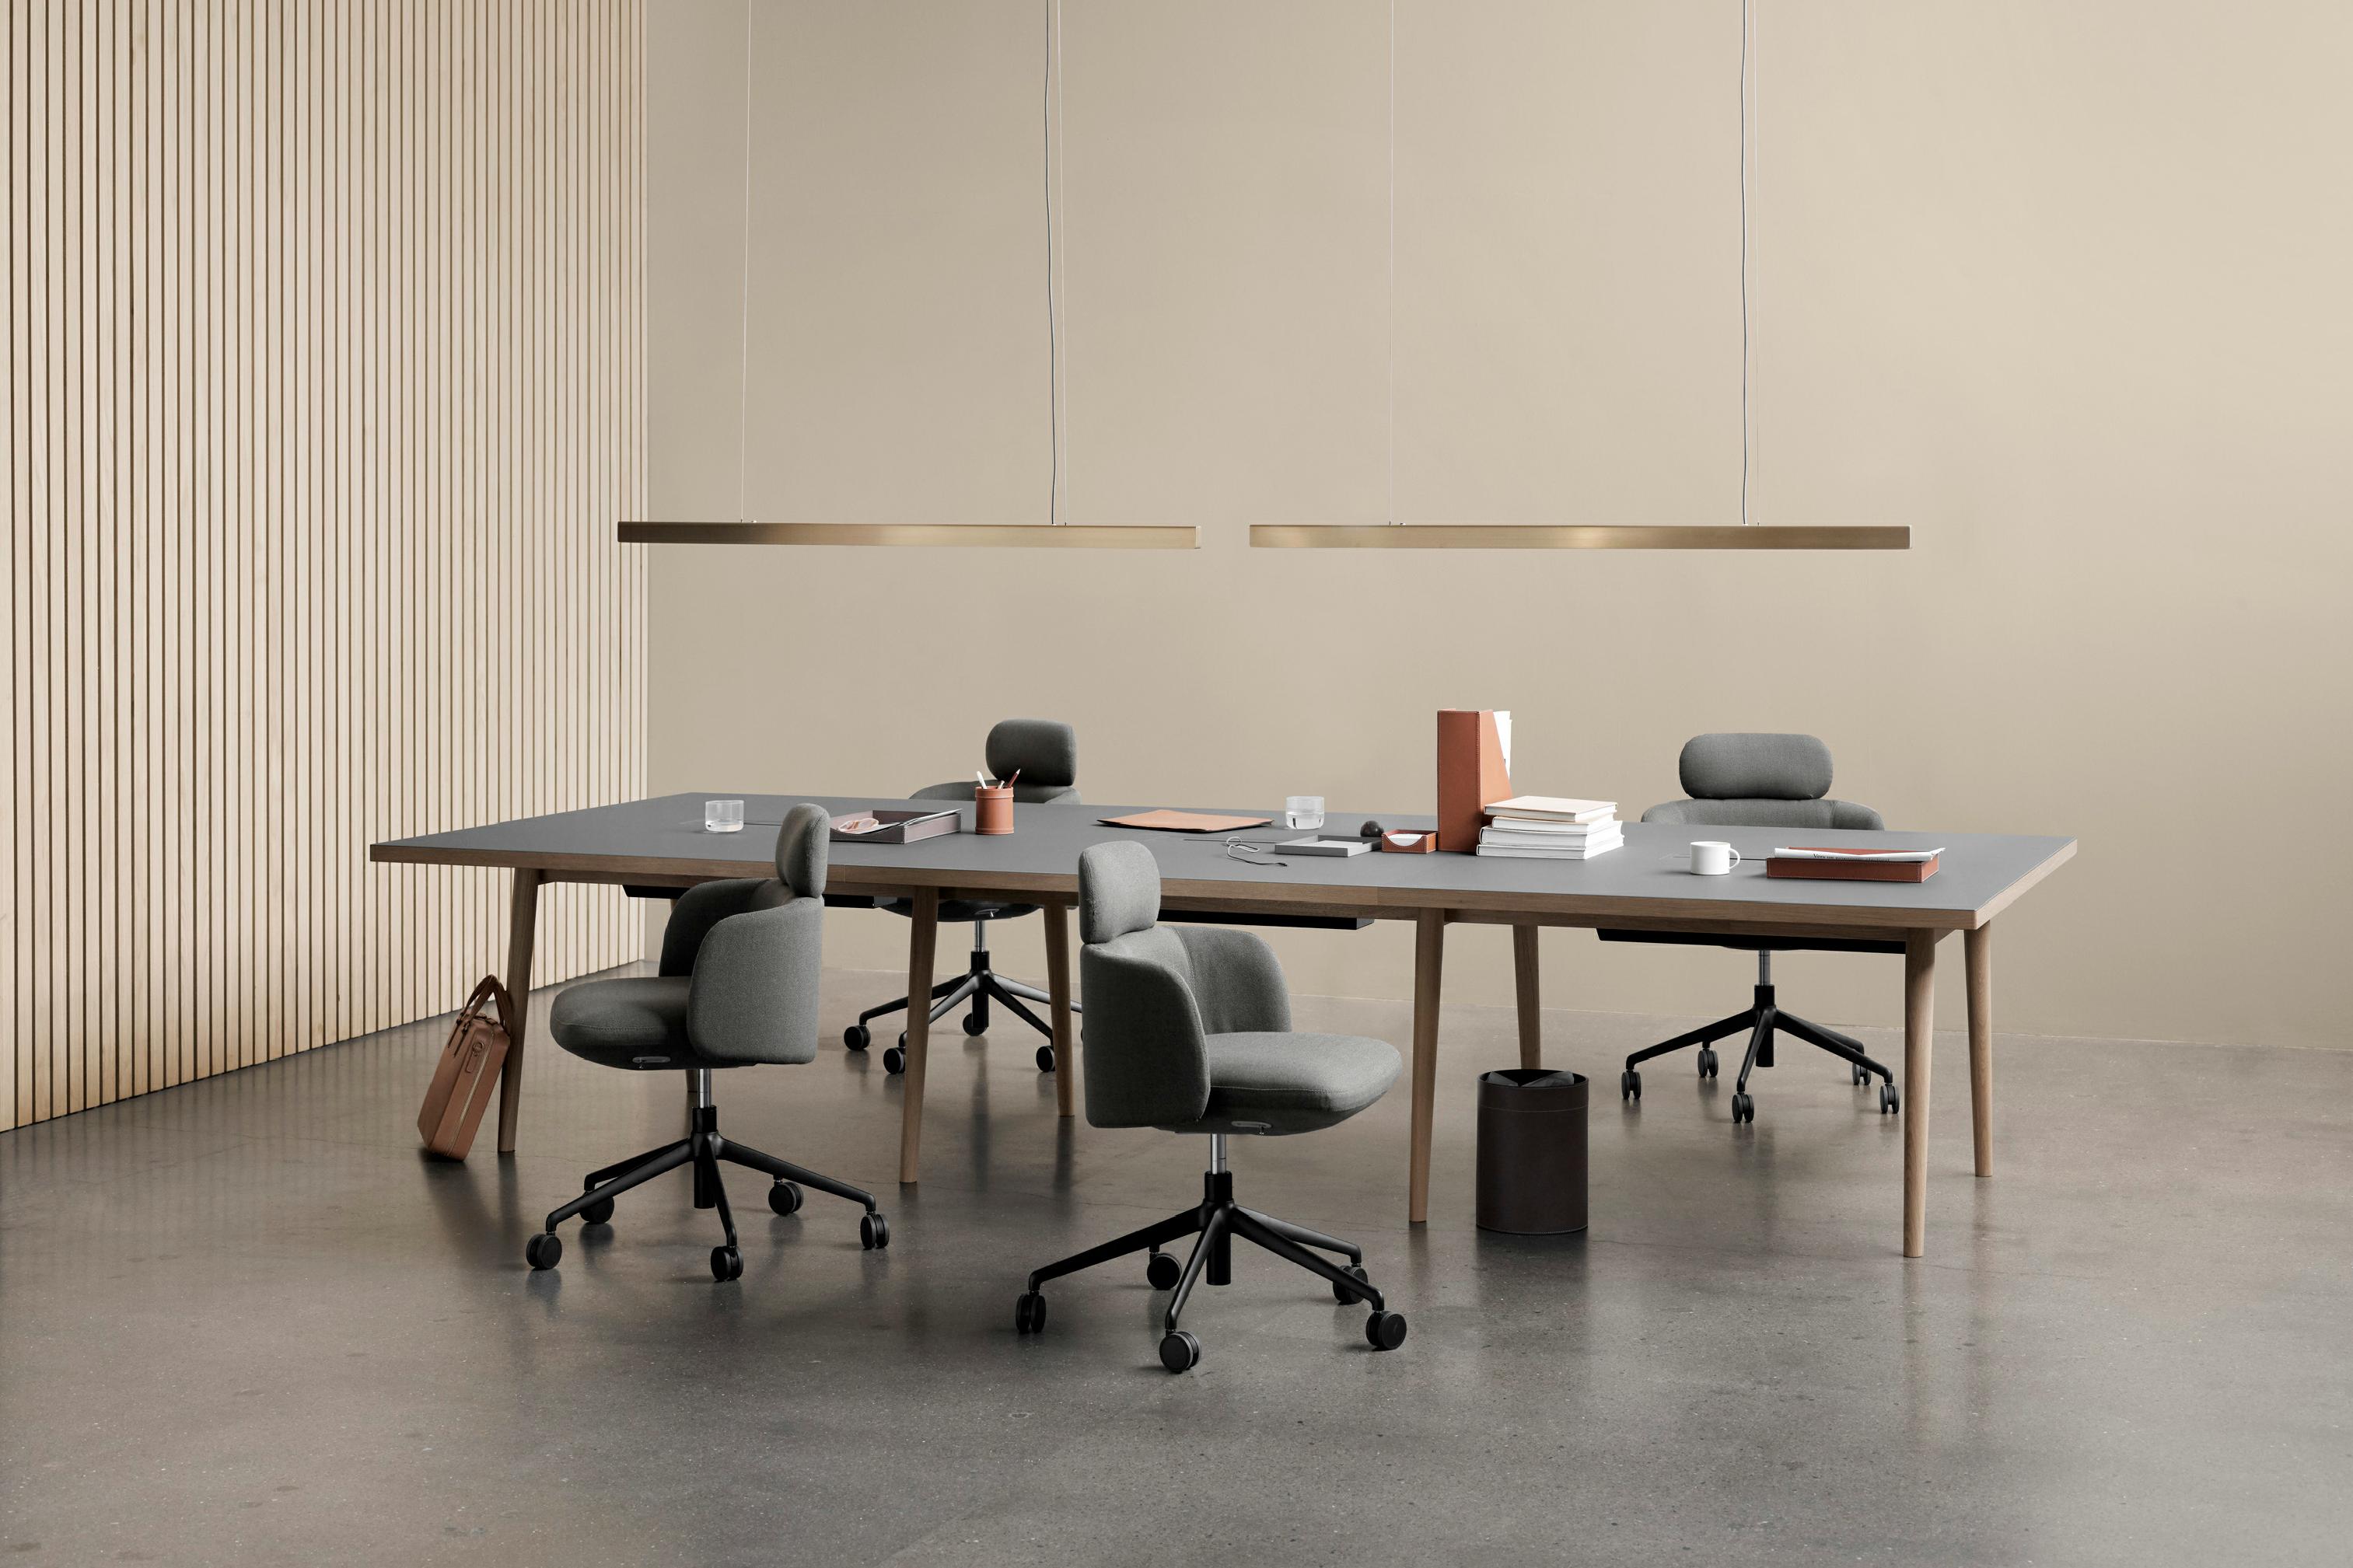 Seria stołów Forum jest dostępna w różnych rozmiarach i kolorach blatów dla ramy i krawędzi.